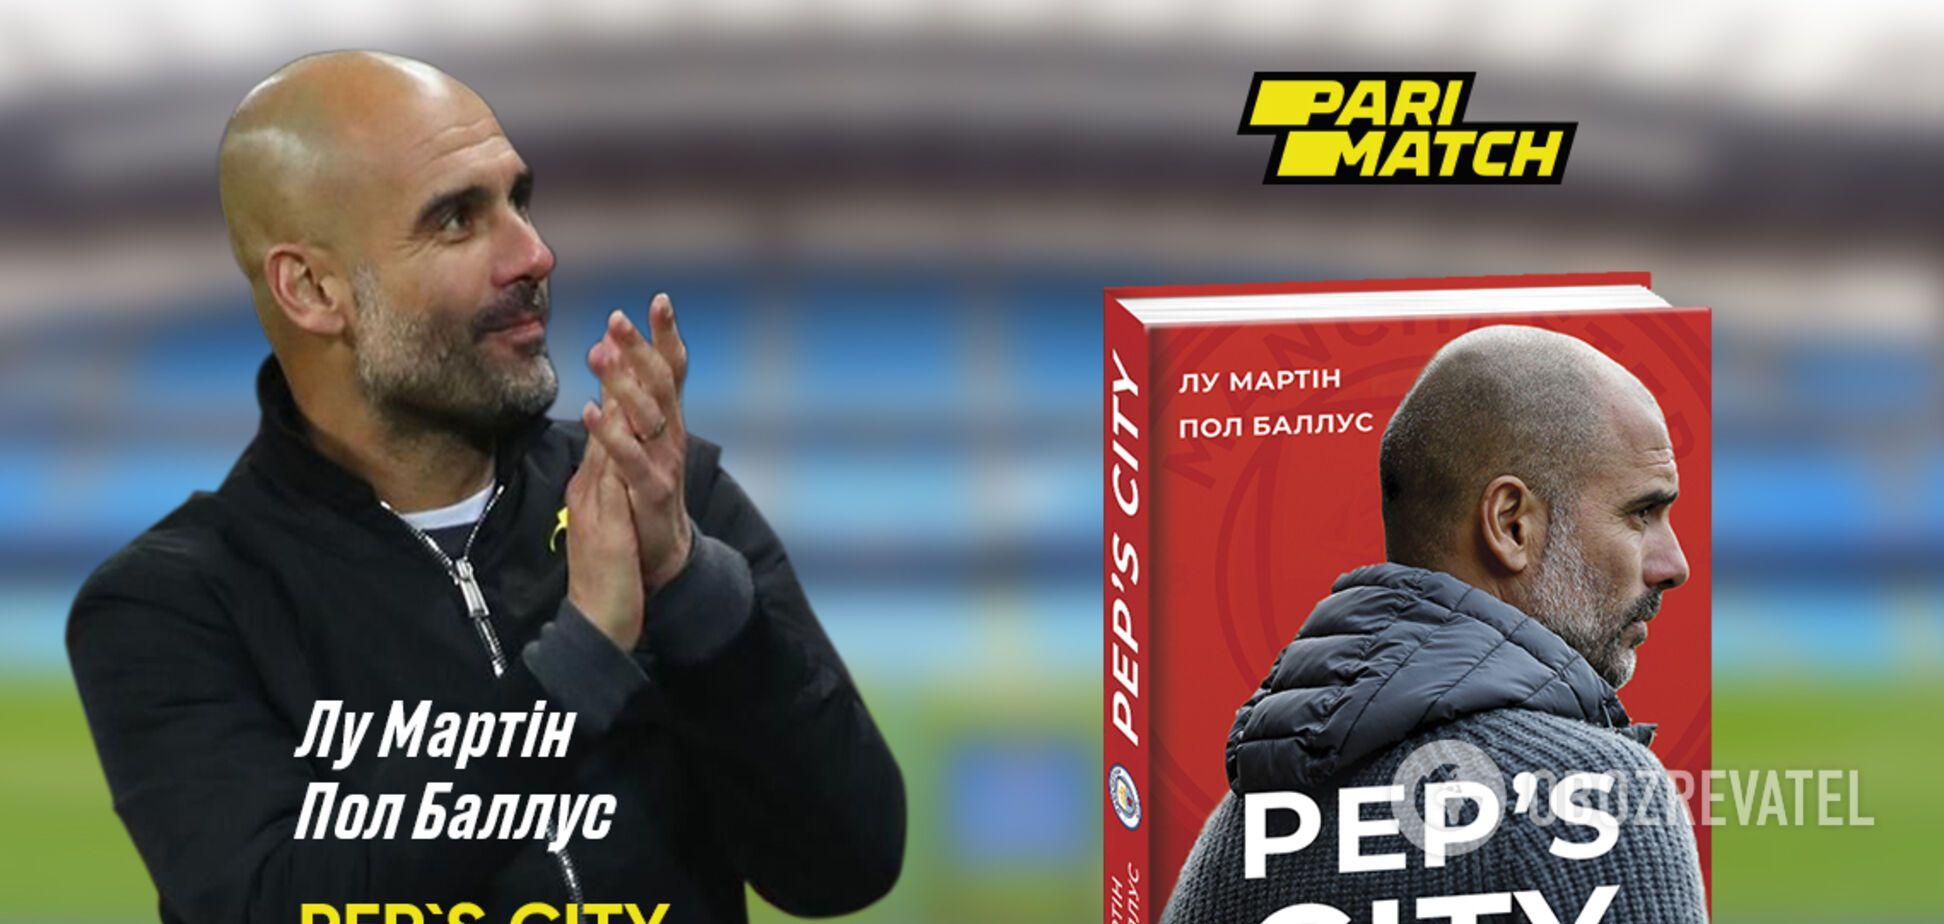 'PEP's CITY'. Нова книга про роботу Гвардіоли в 'Манчестер Сіті'